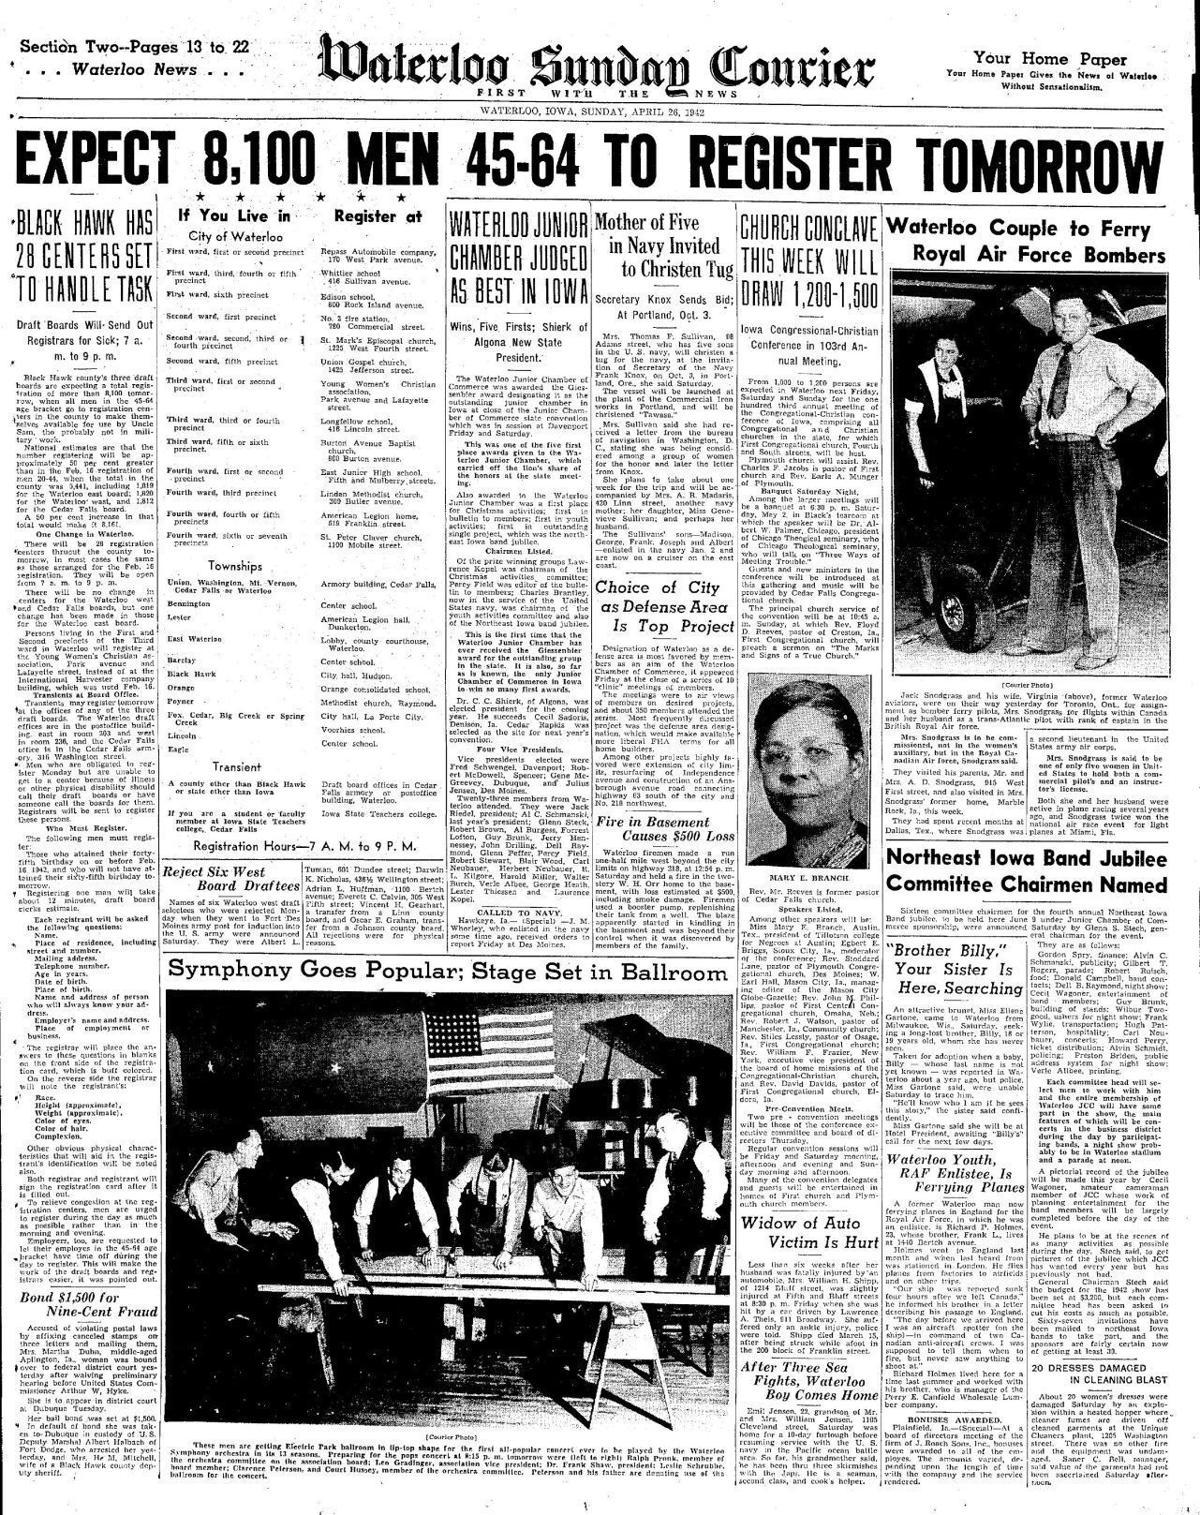 Courier April 26, 1942